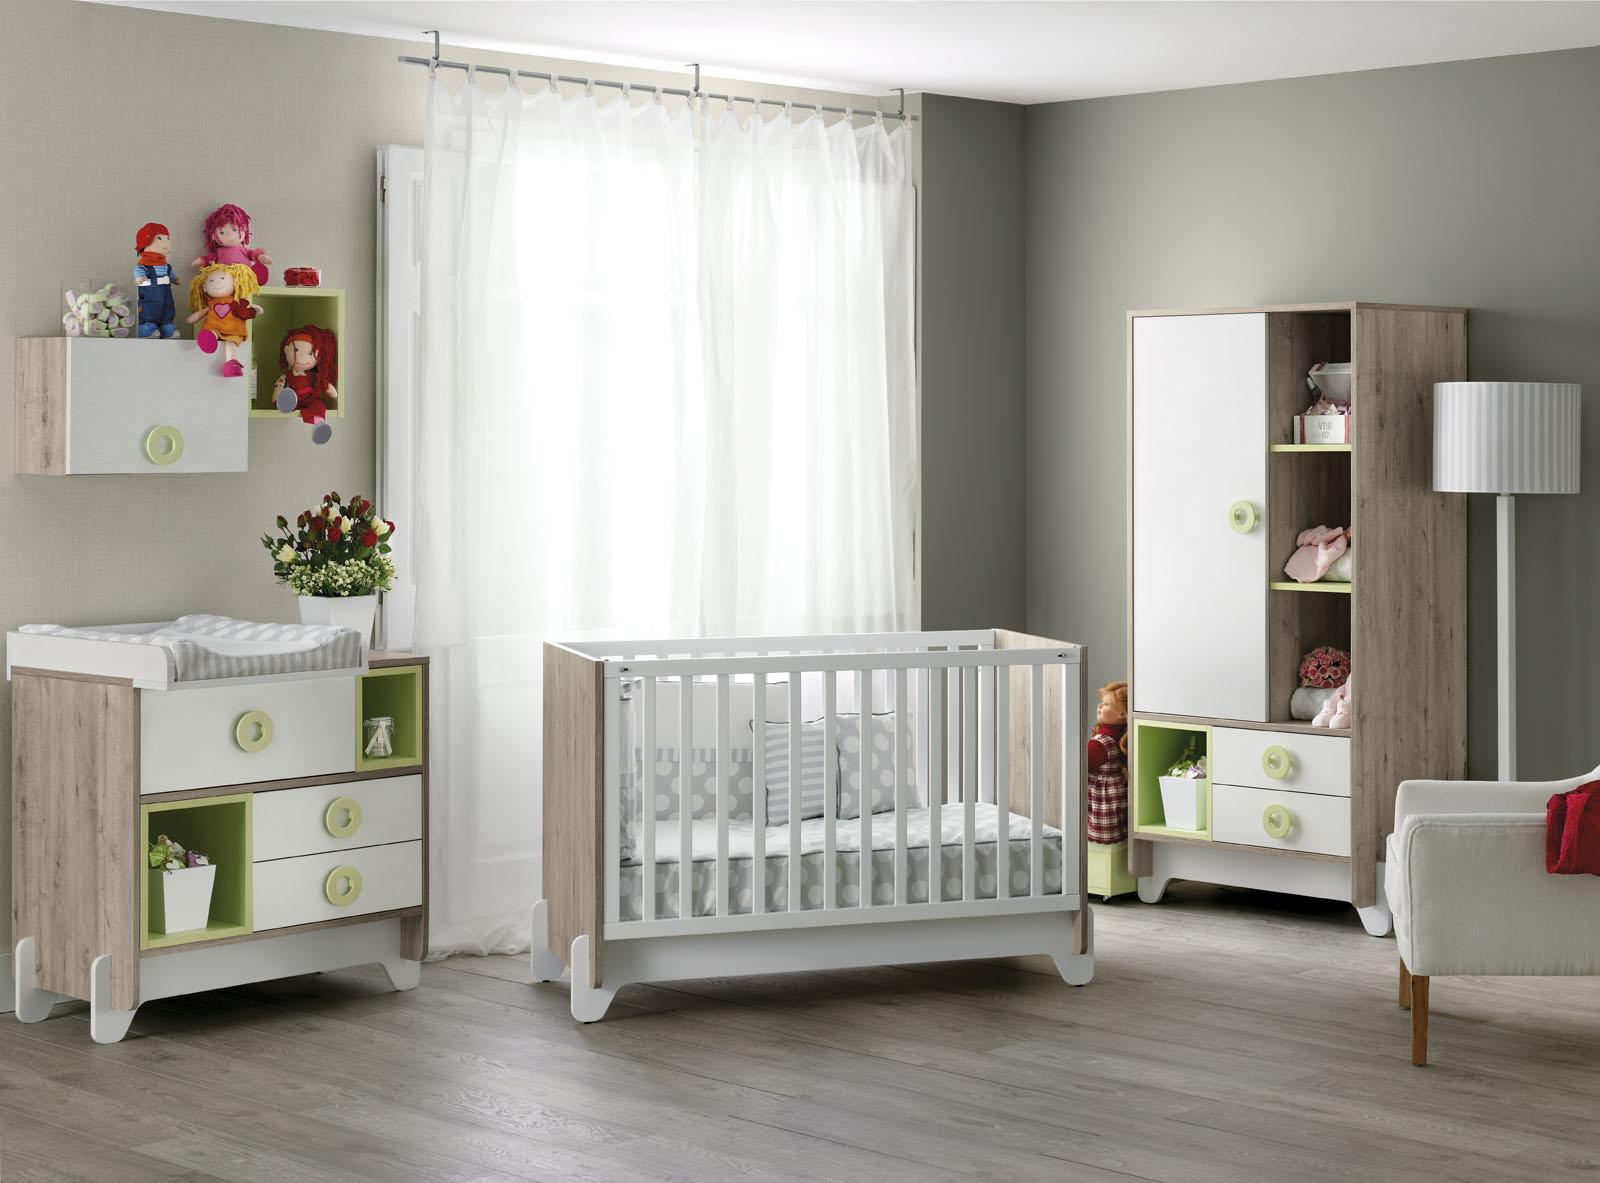 Эконом дизайн интерьера детской комнаты